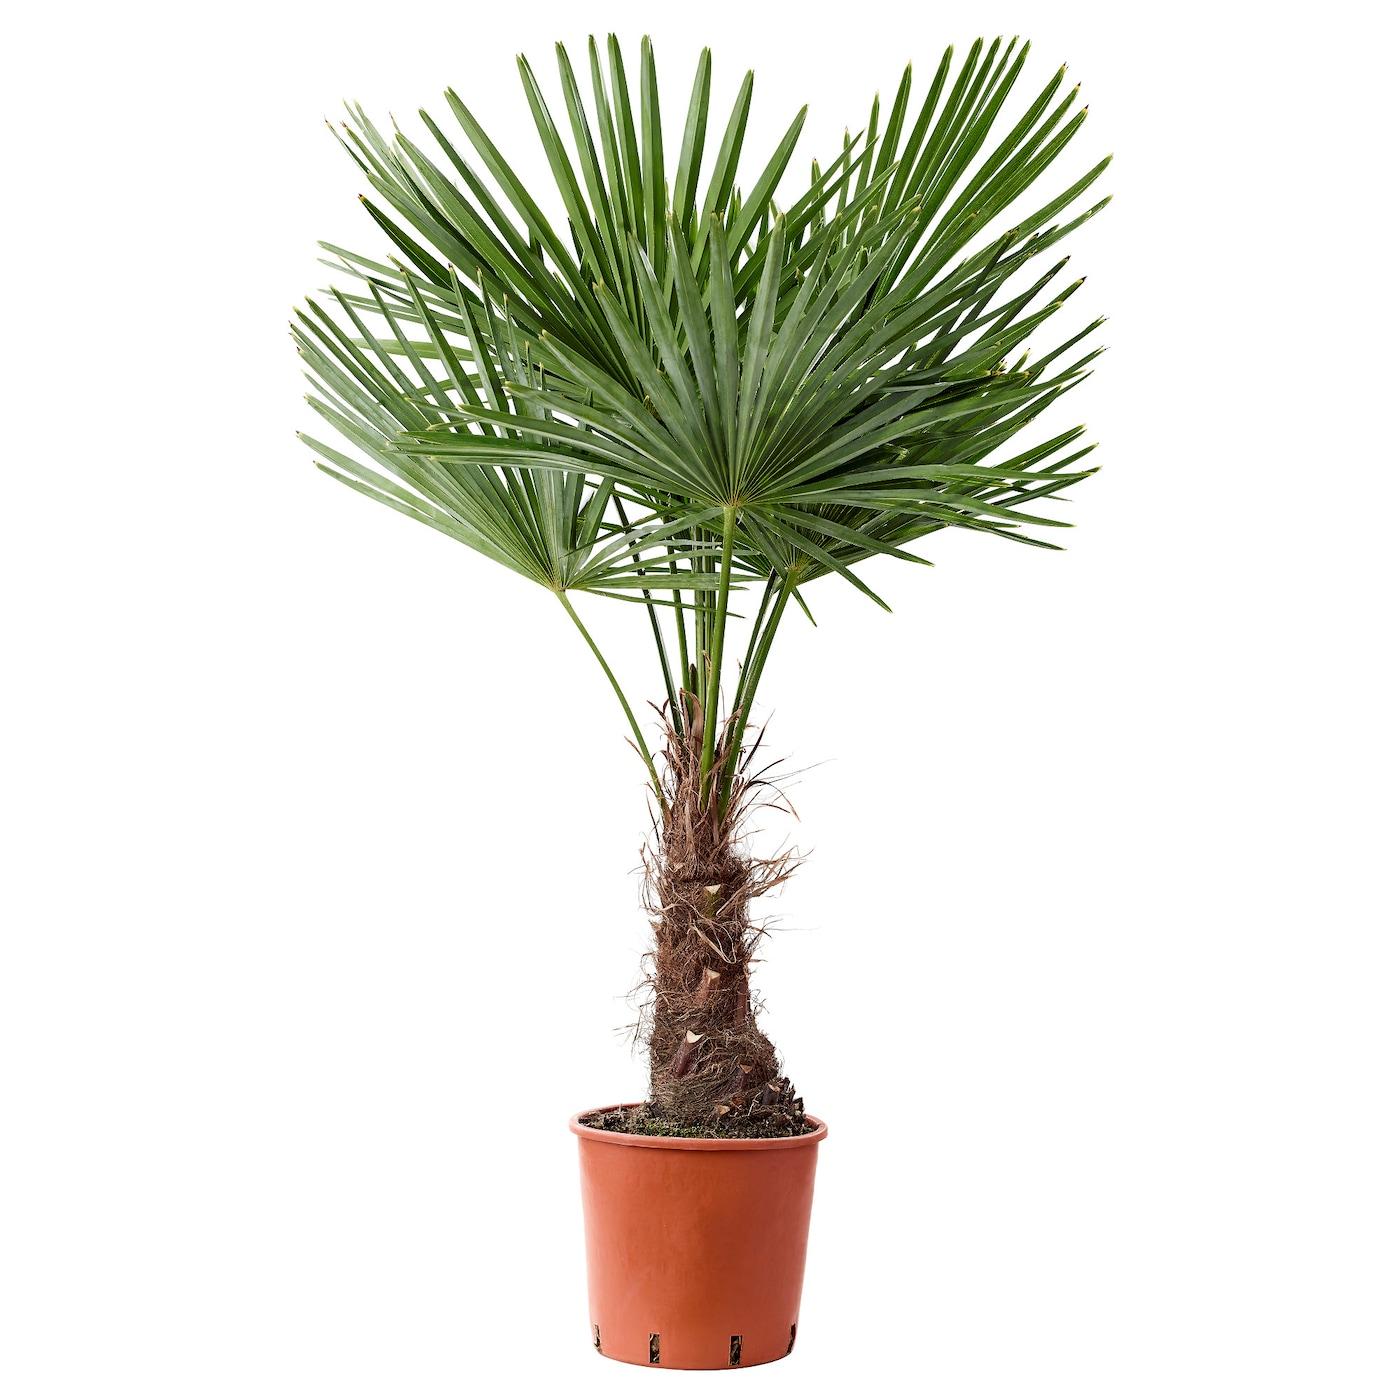 trachycarpus fortunei plante en pot palmier chanvre 27 cm ikea. Black Bedroom Furniture Sets. Home Design Ideas